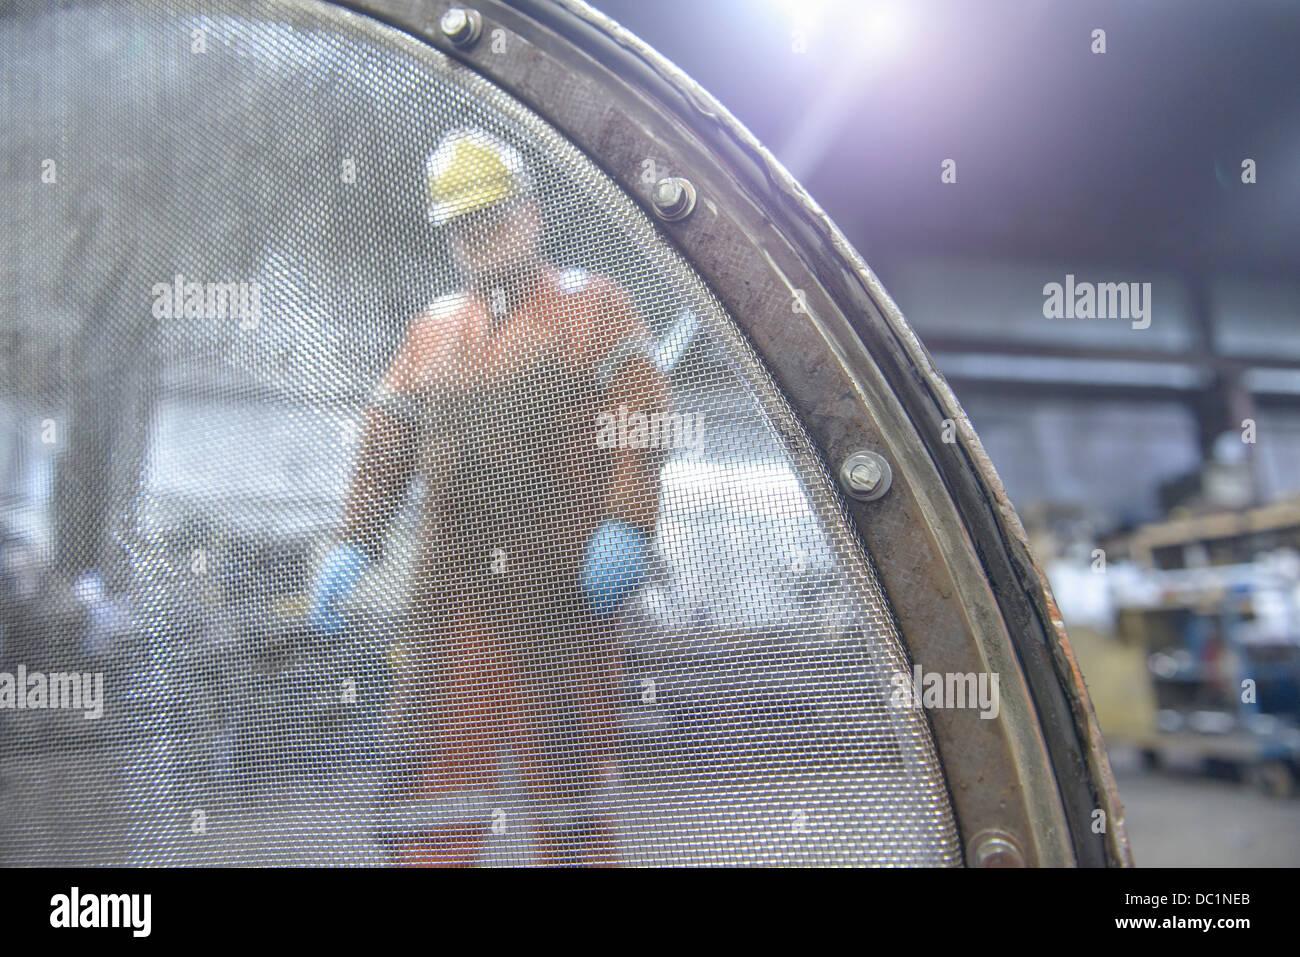 Ritratto di lavoratore dietro il crivello industriale nella fonderia di acciaio Immagini Stock